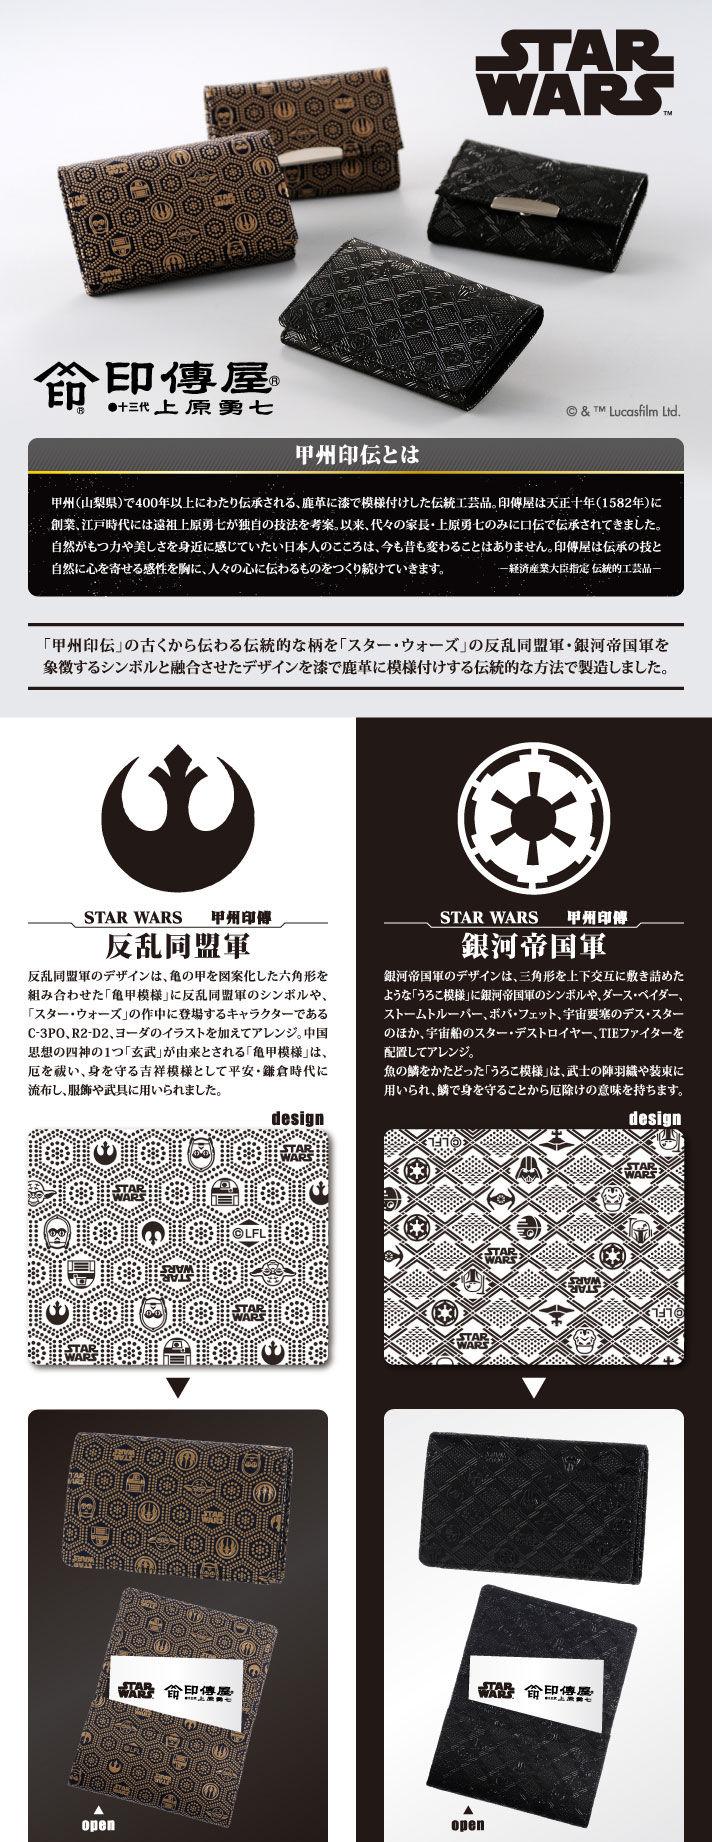 STAR WARS 印傳屋 キーケース